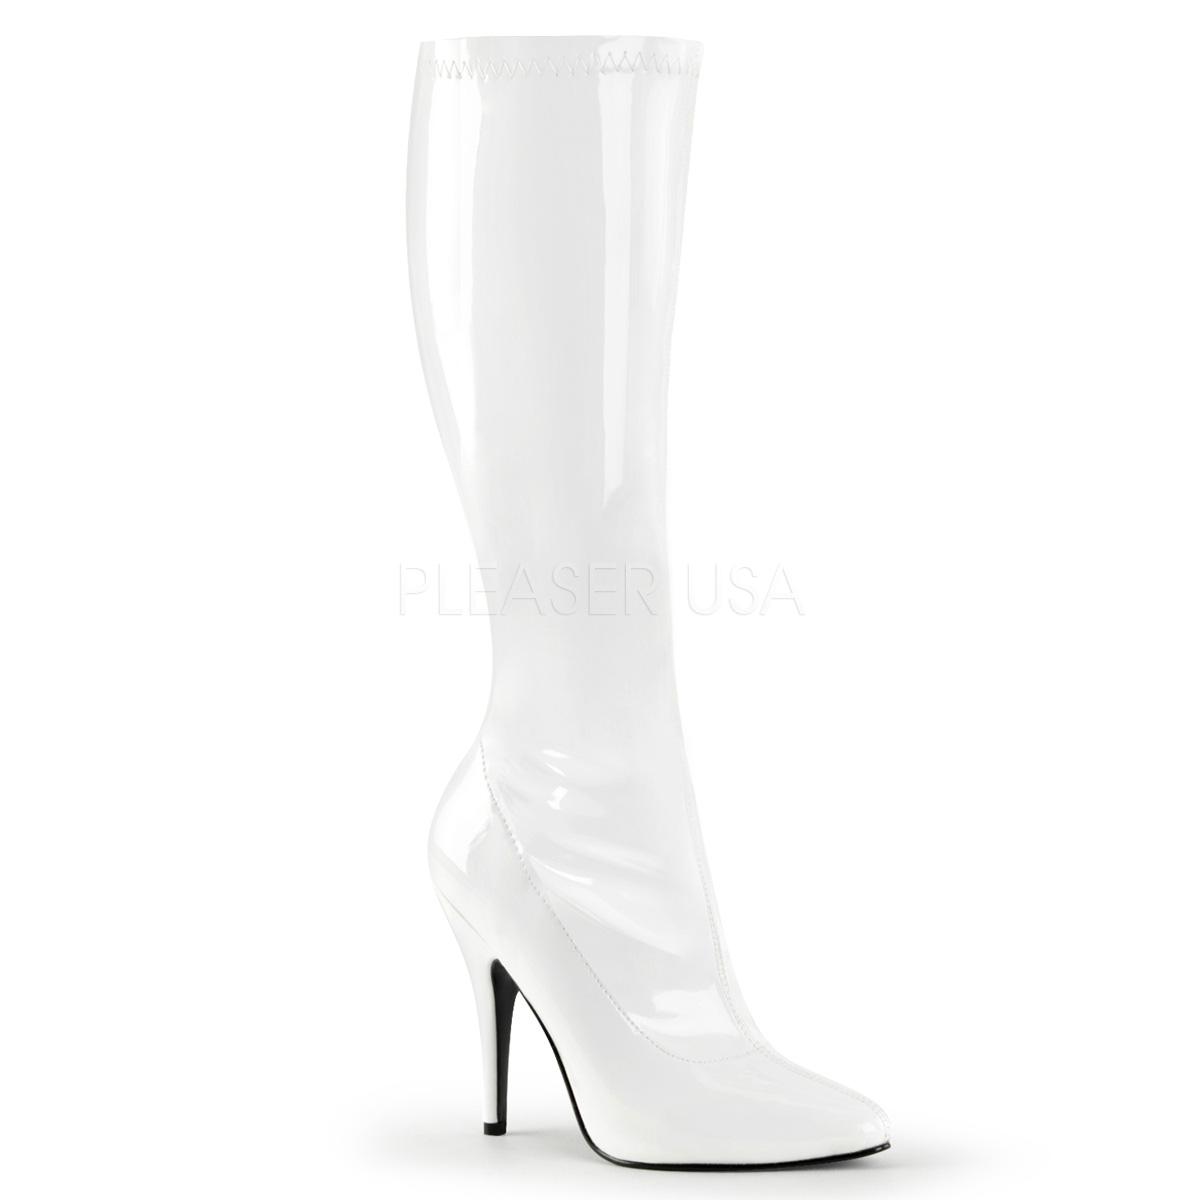 bottes blanches brillantes en vinyle talon haut